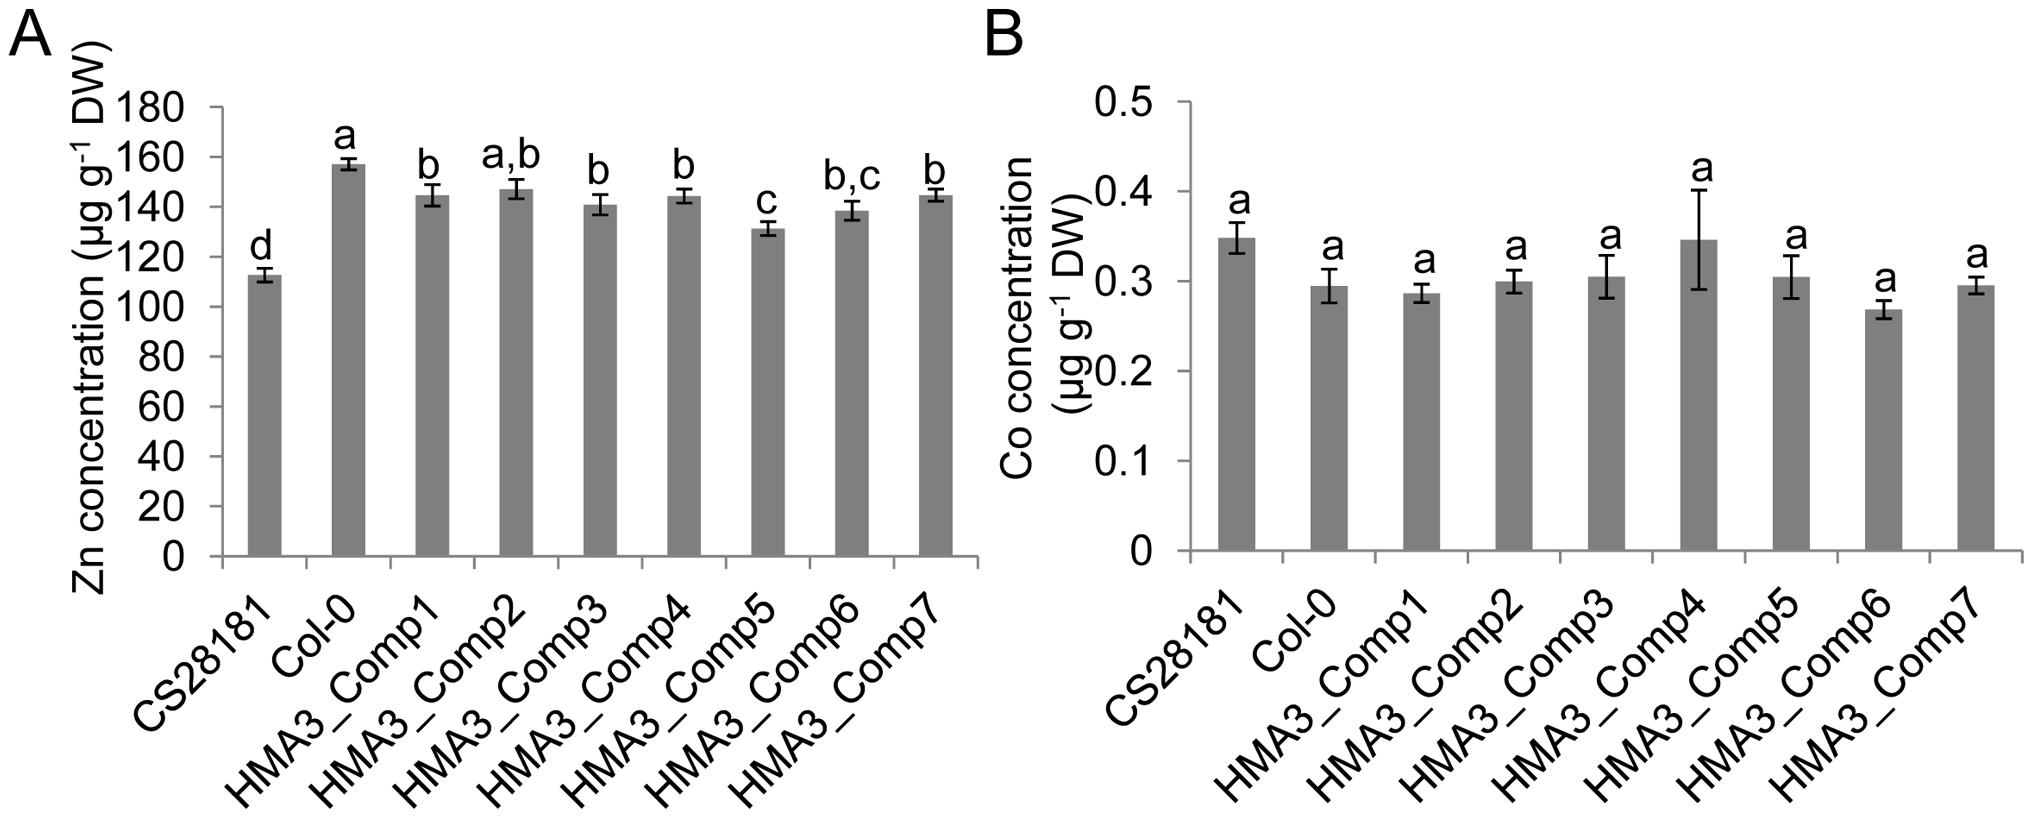 The effect of <i>HMA3</i> function on <i>A. thaliana</i> leaf Zn and Co.